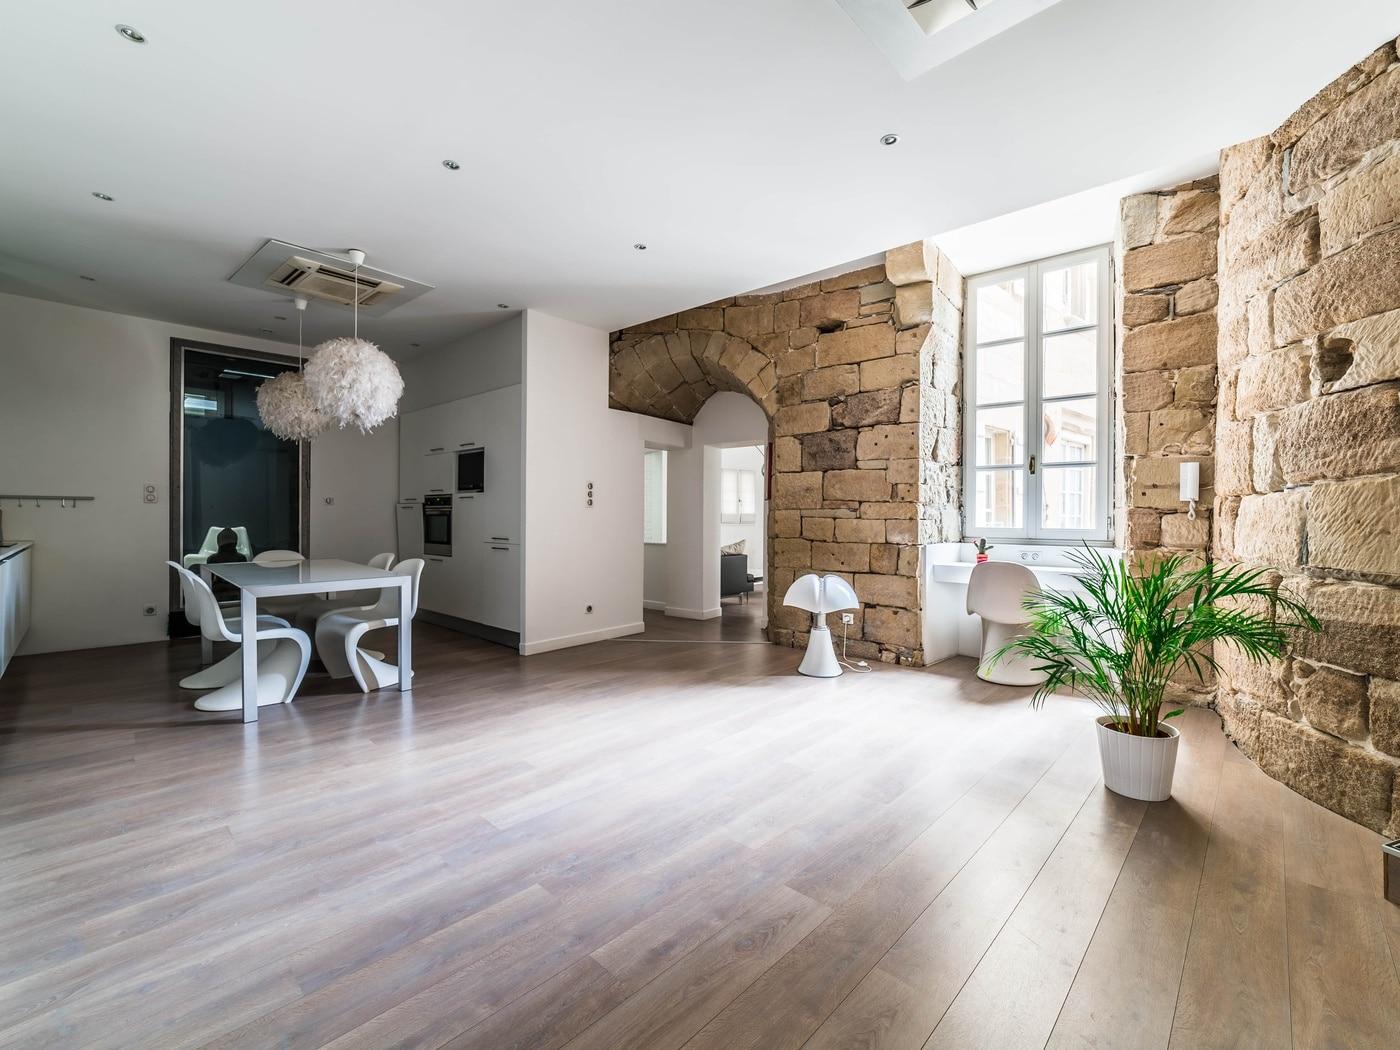 Les appartements à vendre à Brive la Gaillarde, comment choisir ?